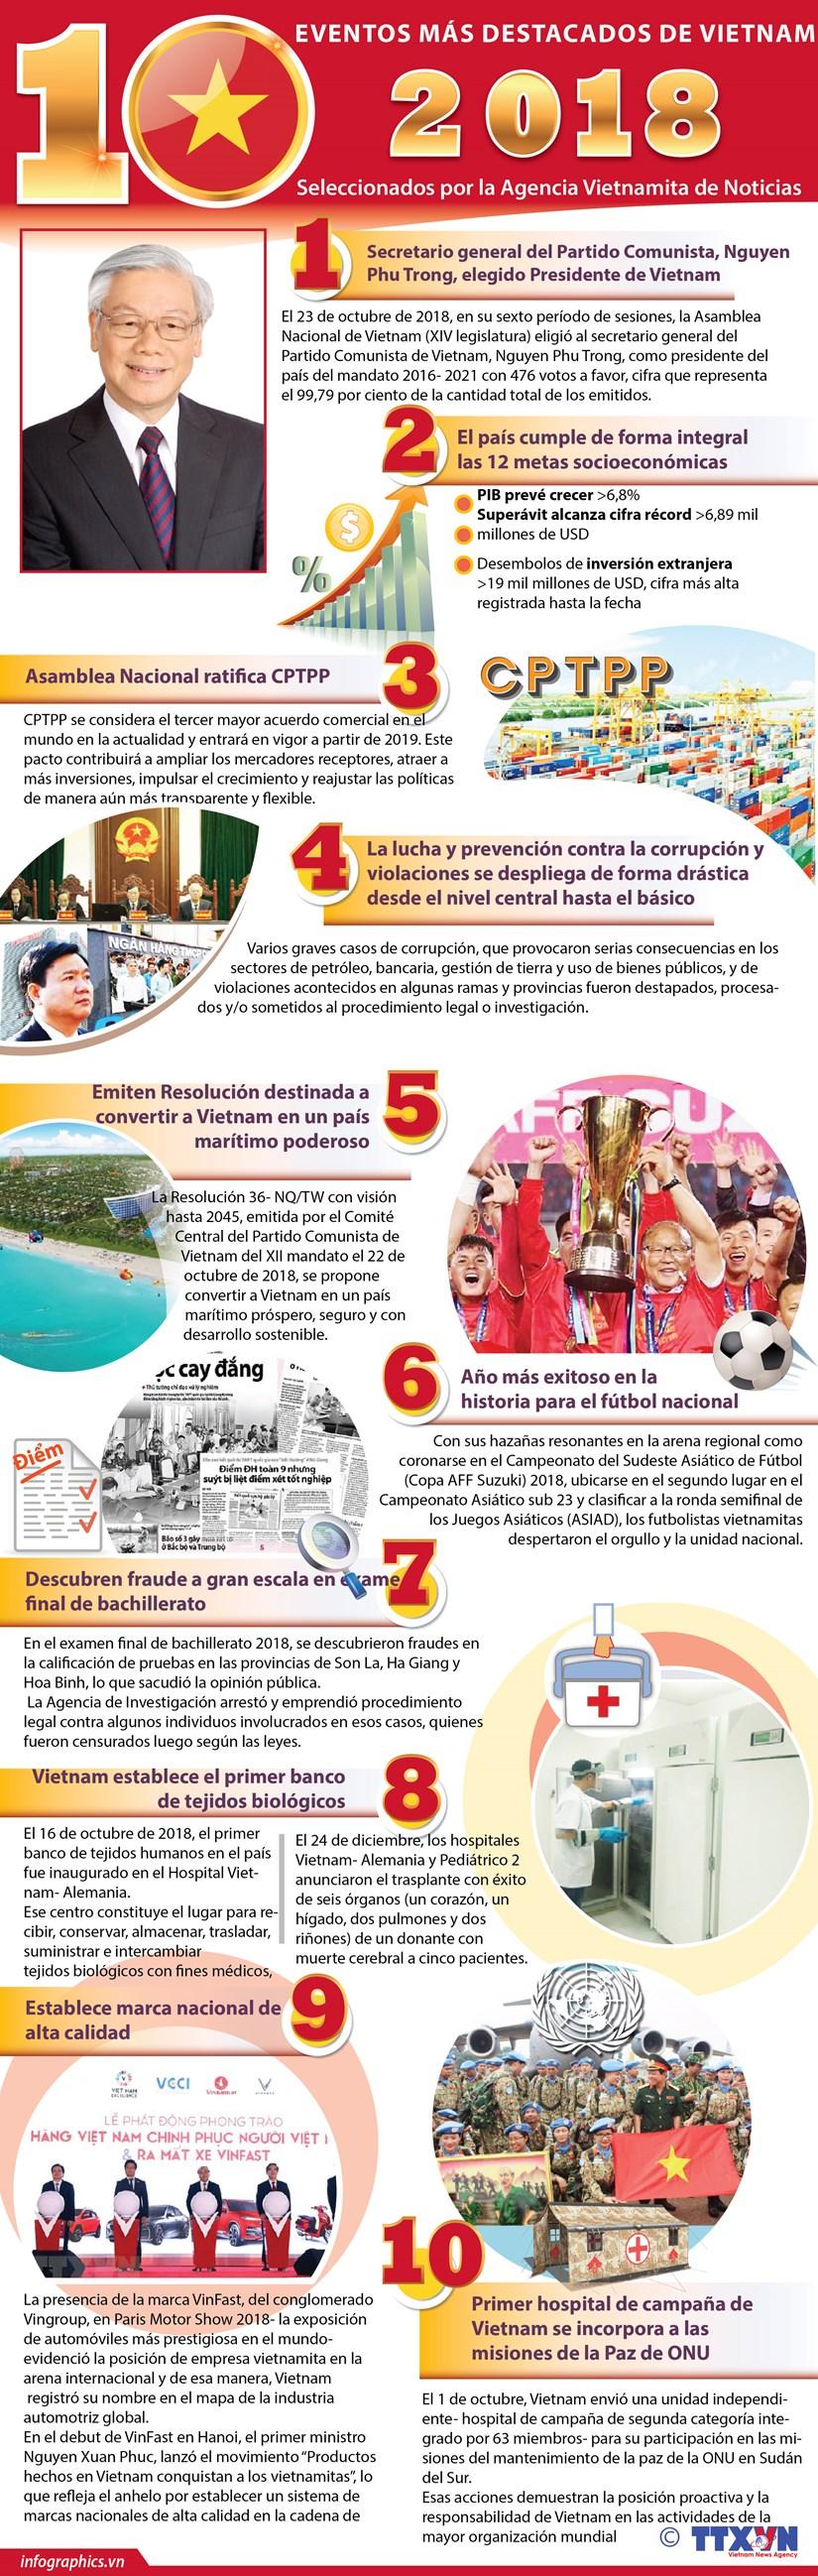 [Info] Los 10 eventos mas destacados de Vietnam en 2018 seleccionados por la VNA hinh anh 1